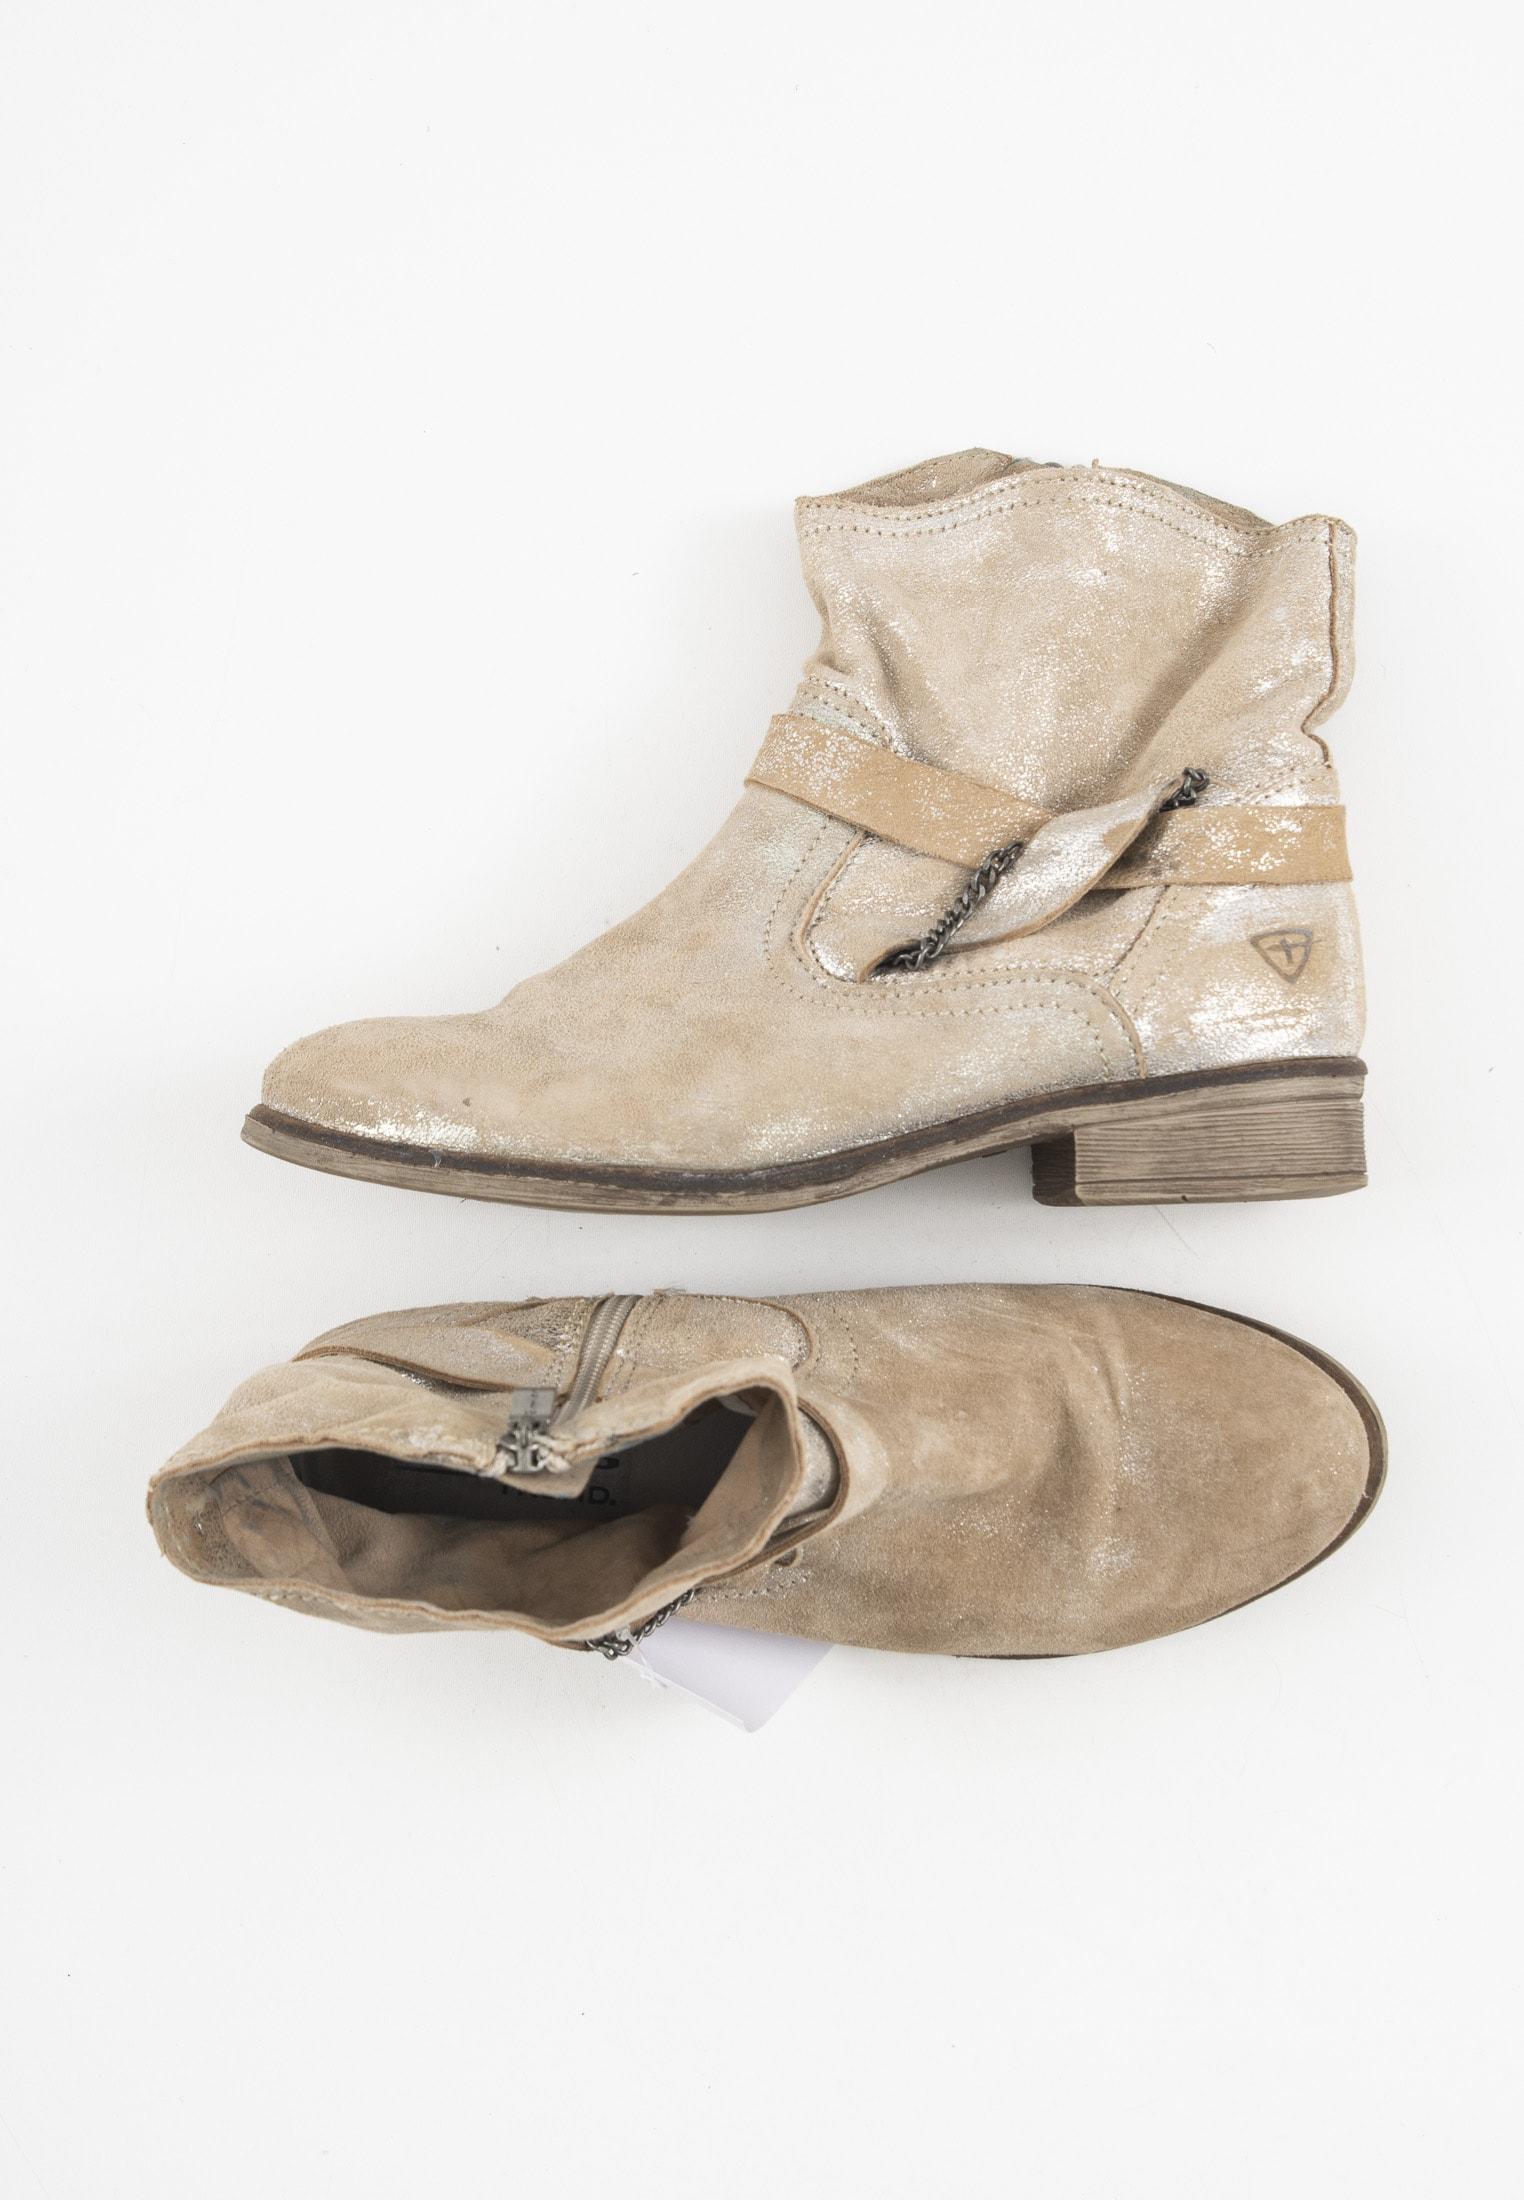 Tamaris Stiefel / Stiefelette / Boots Beige Gr.39